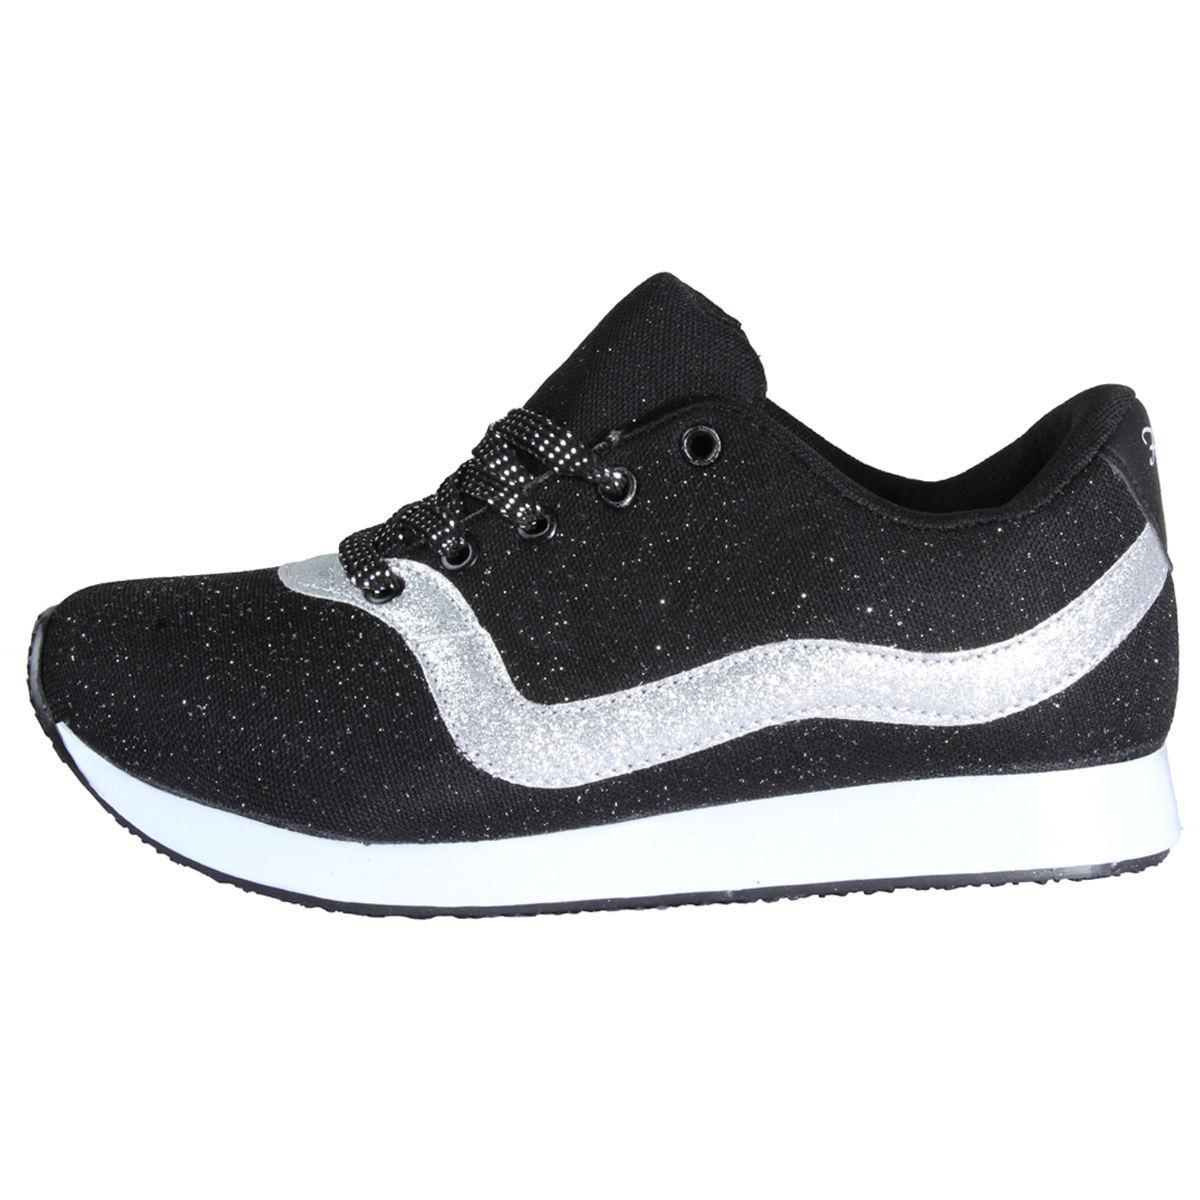 کفش مخصوص  پیاده روی دخترانه مدل Lame-b